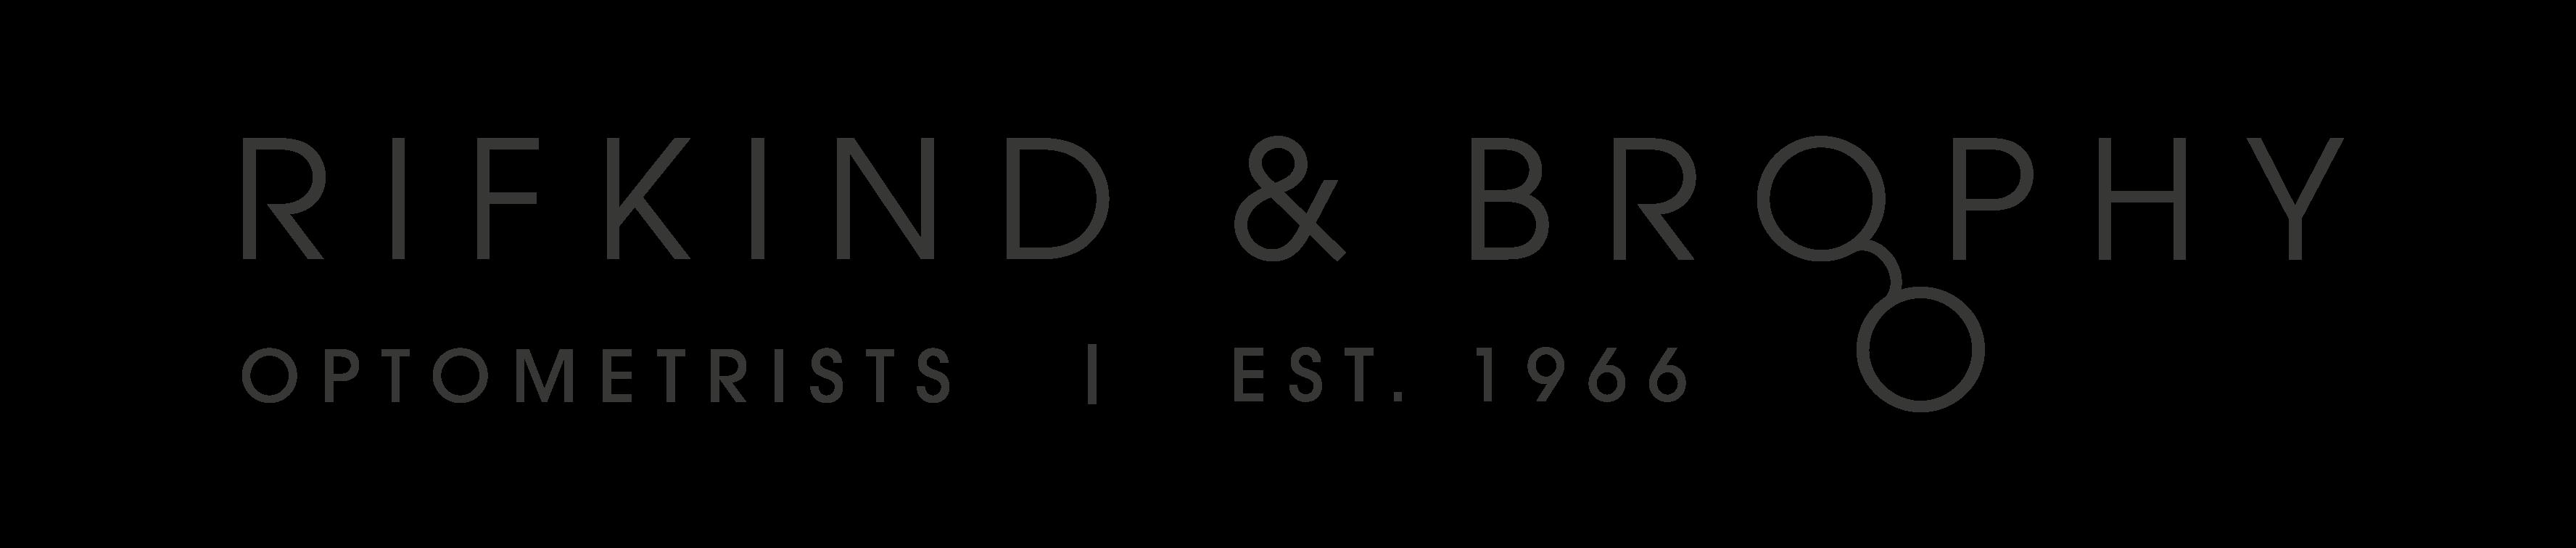 Rifkind&Brophy-Logo-LONG-BLACK-v1.0